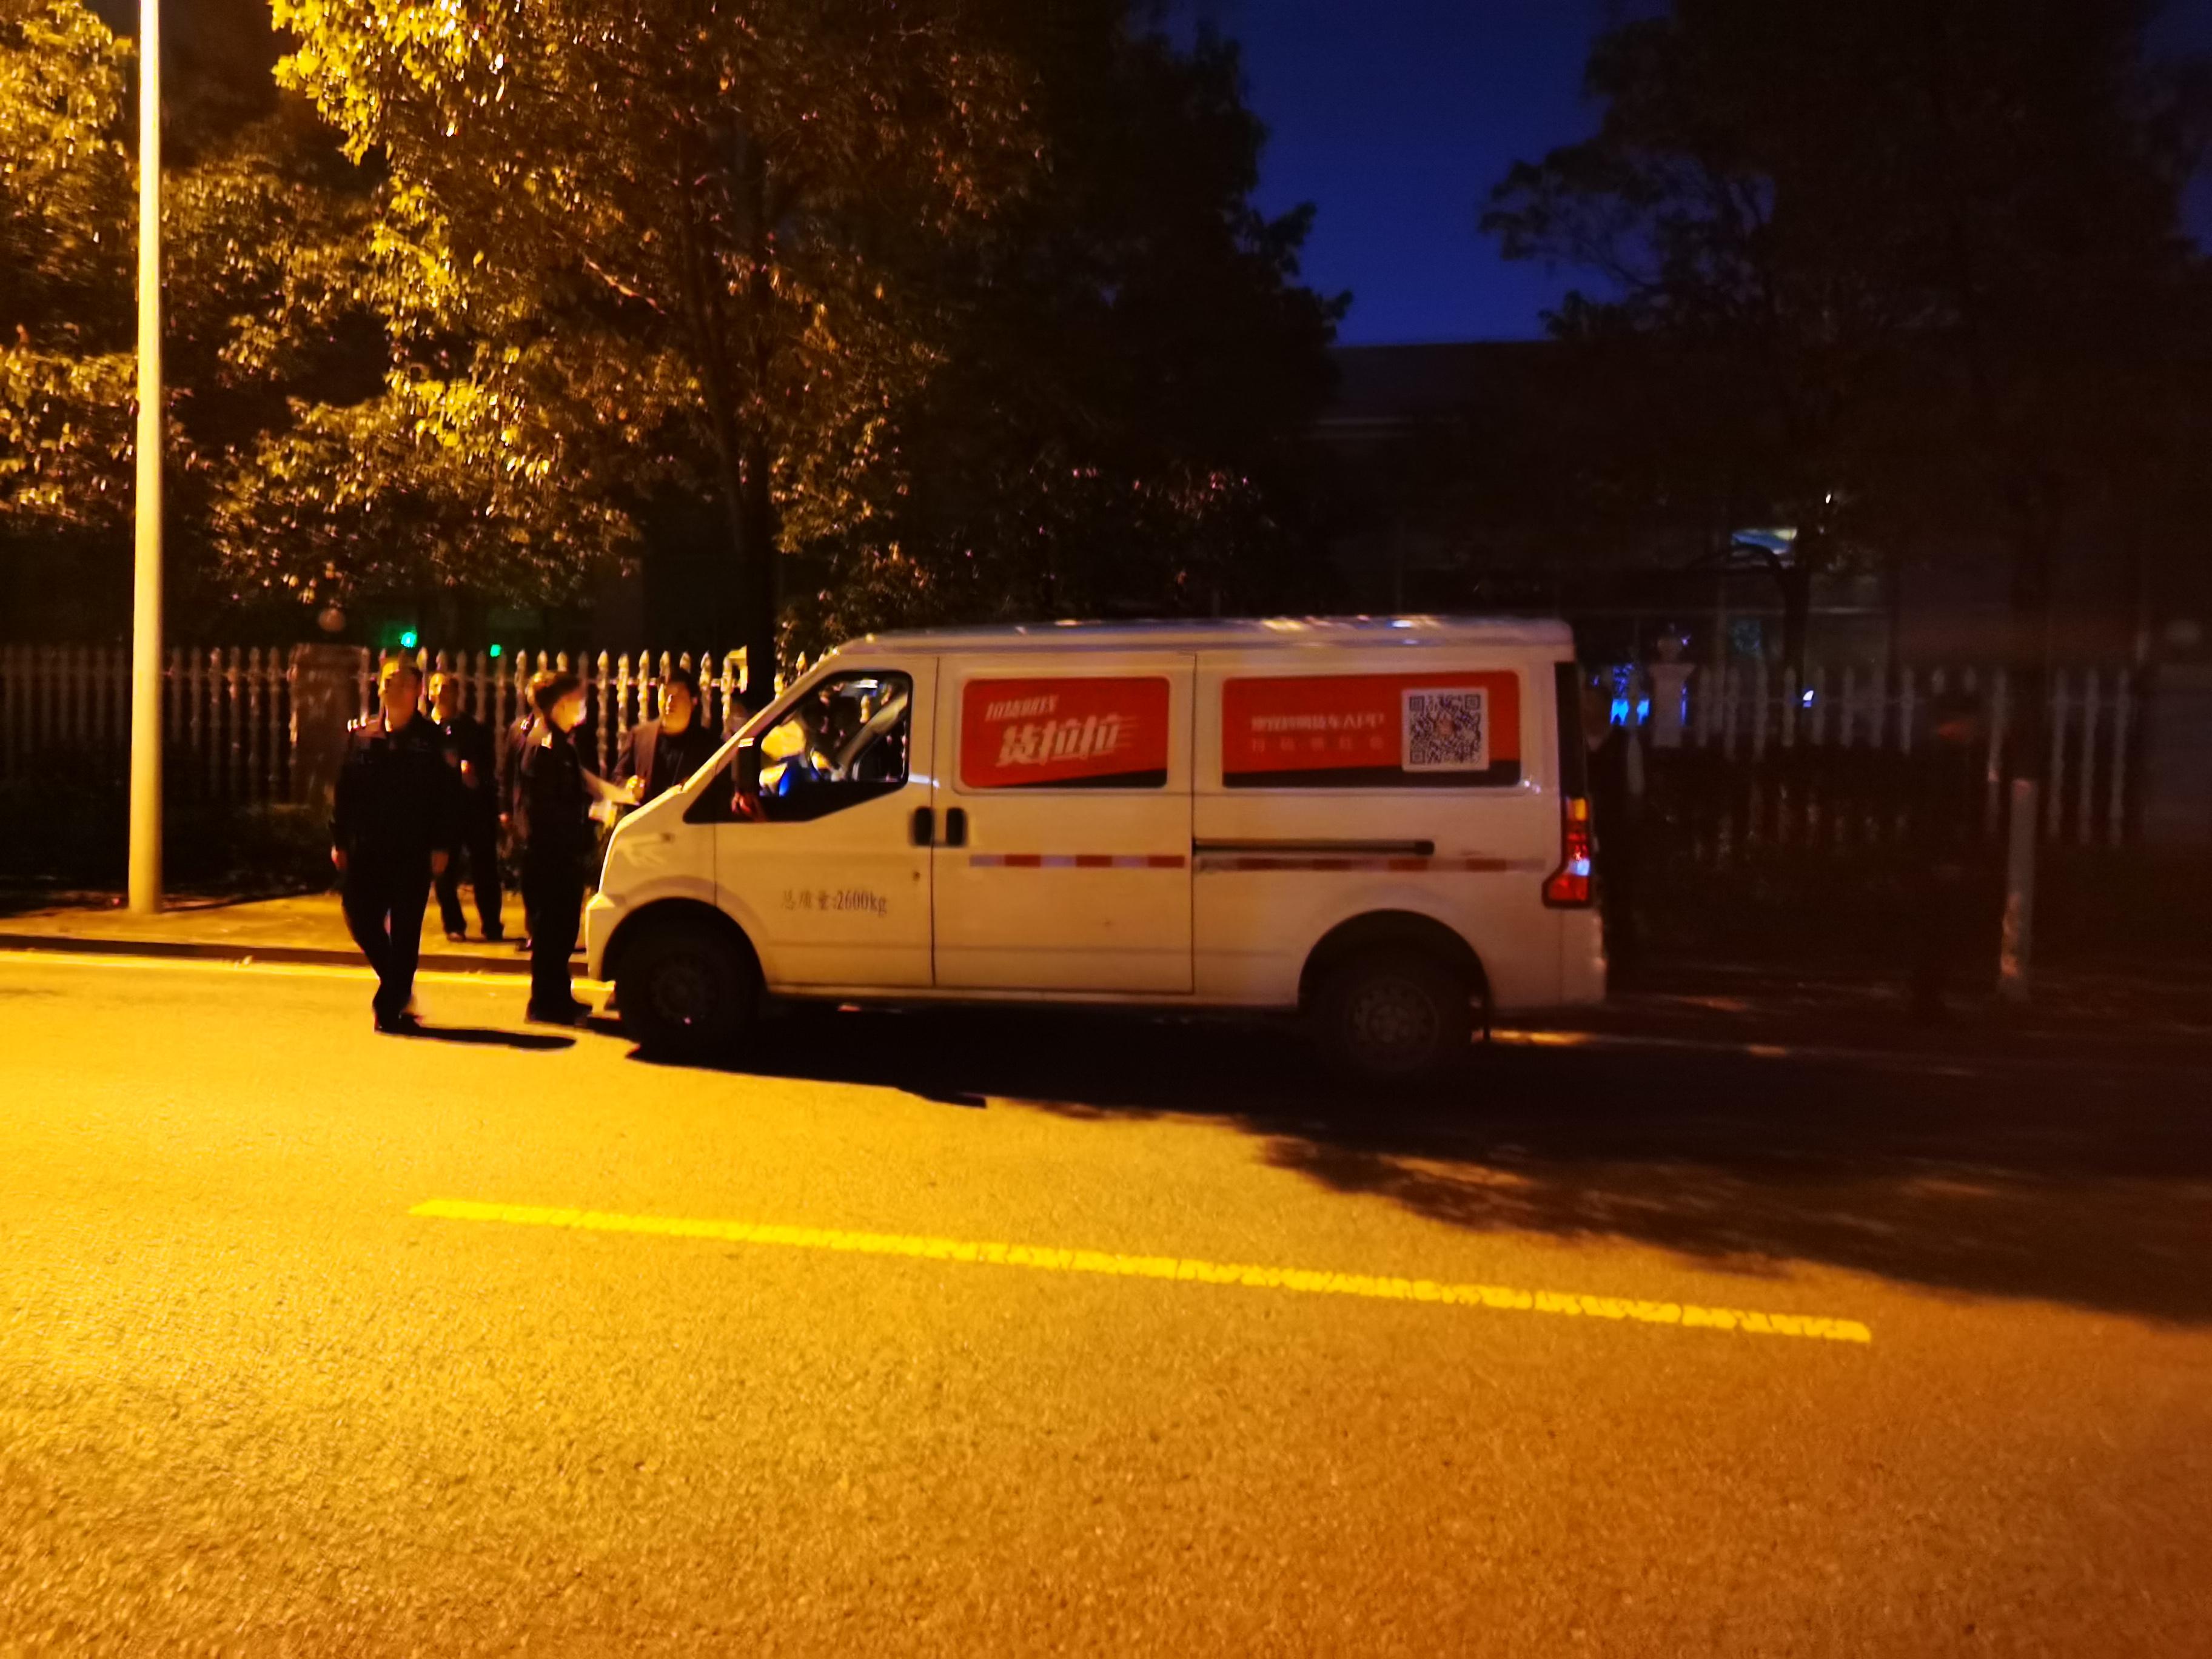 事发半个月后的2月22日晚,公安民警在事发路段再次进行现场勘查。澎湃新闻记者 朱远祥 图